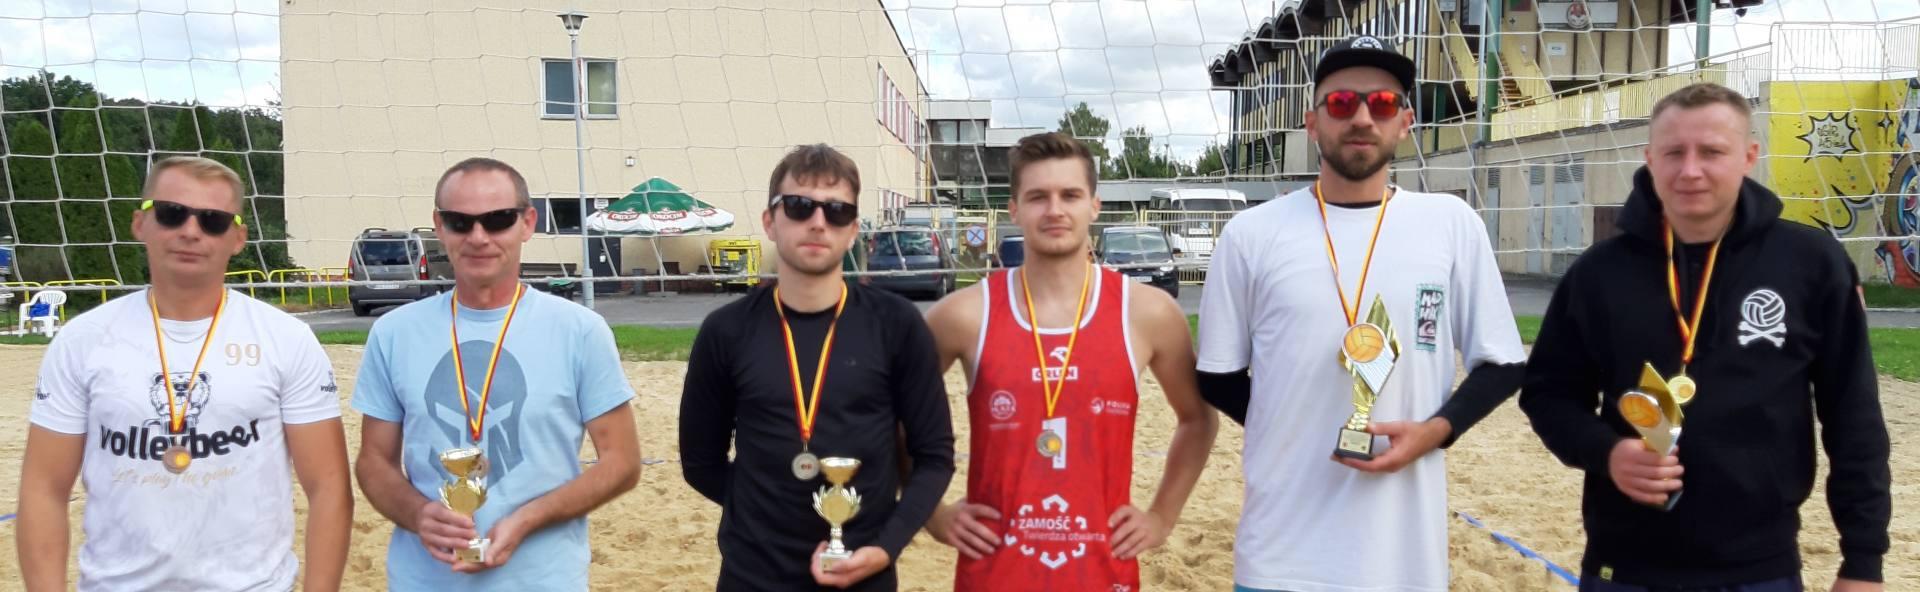 20210905 104631 1 Za nami Turniej Finałowy Siatkówki Plażowej Mężczyzn LZS